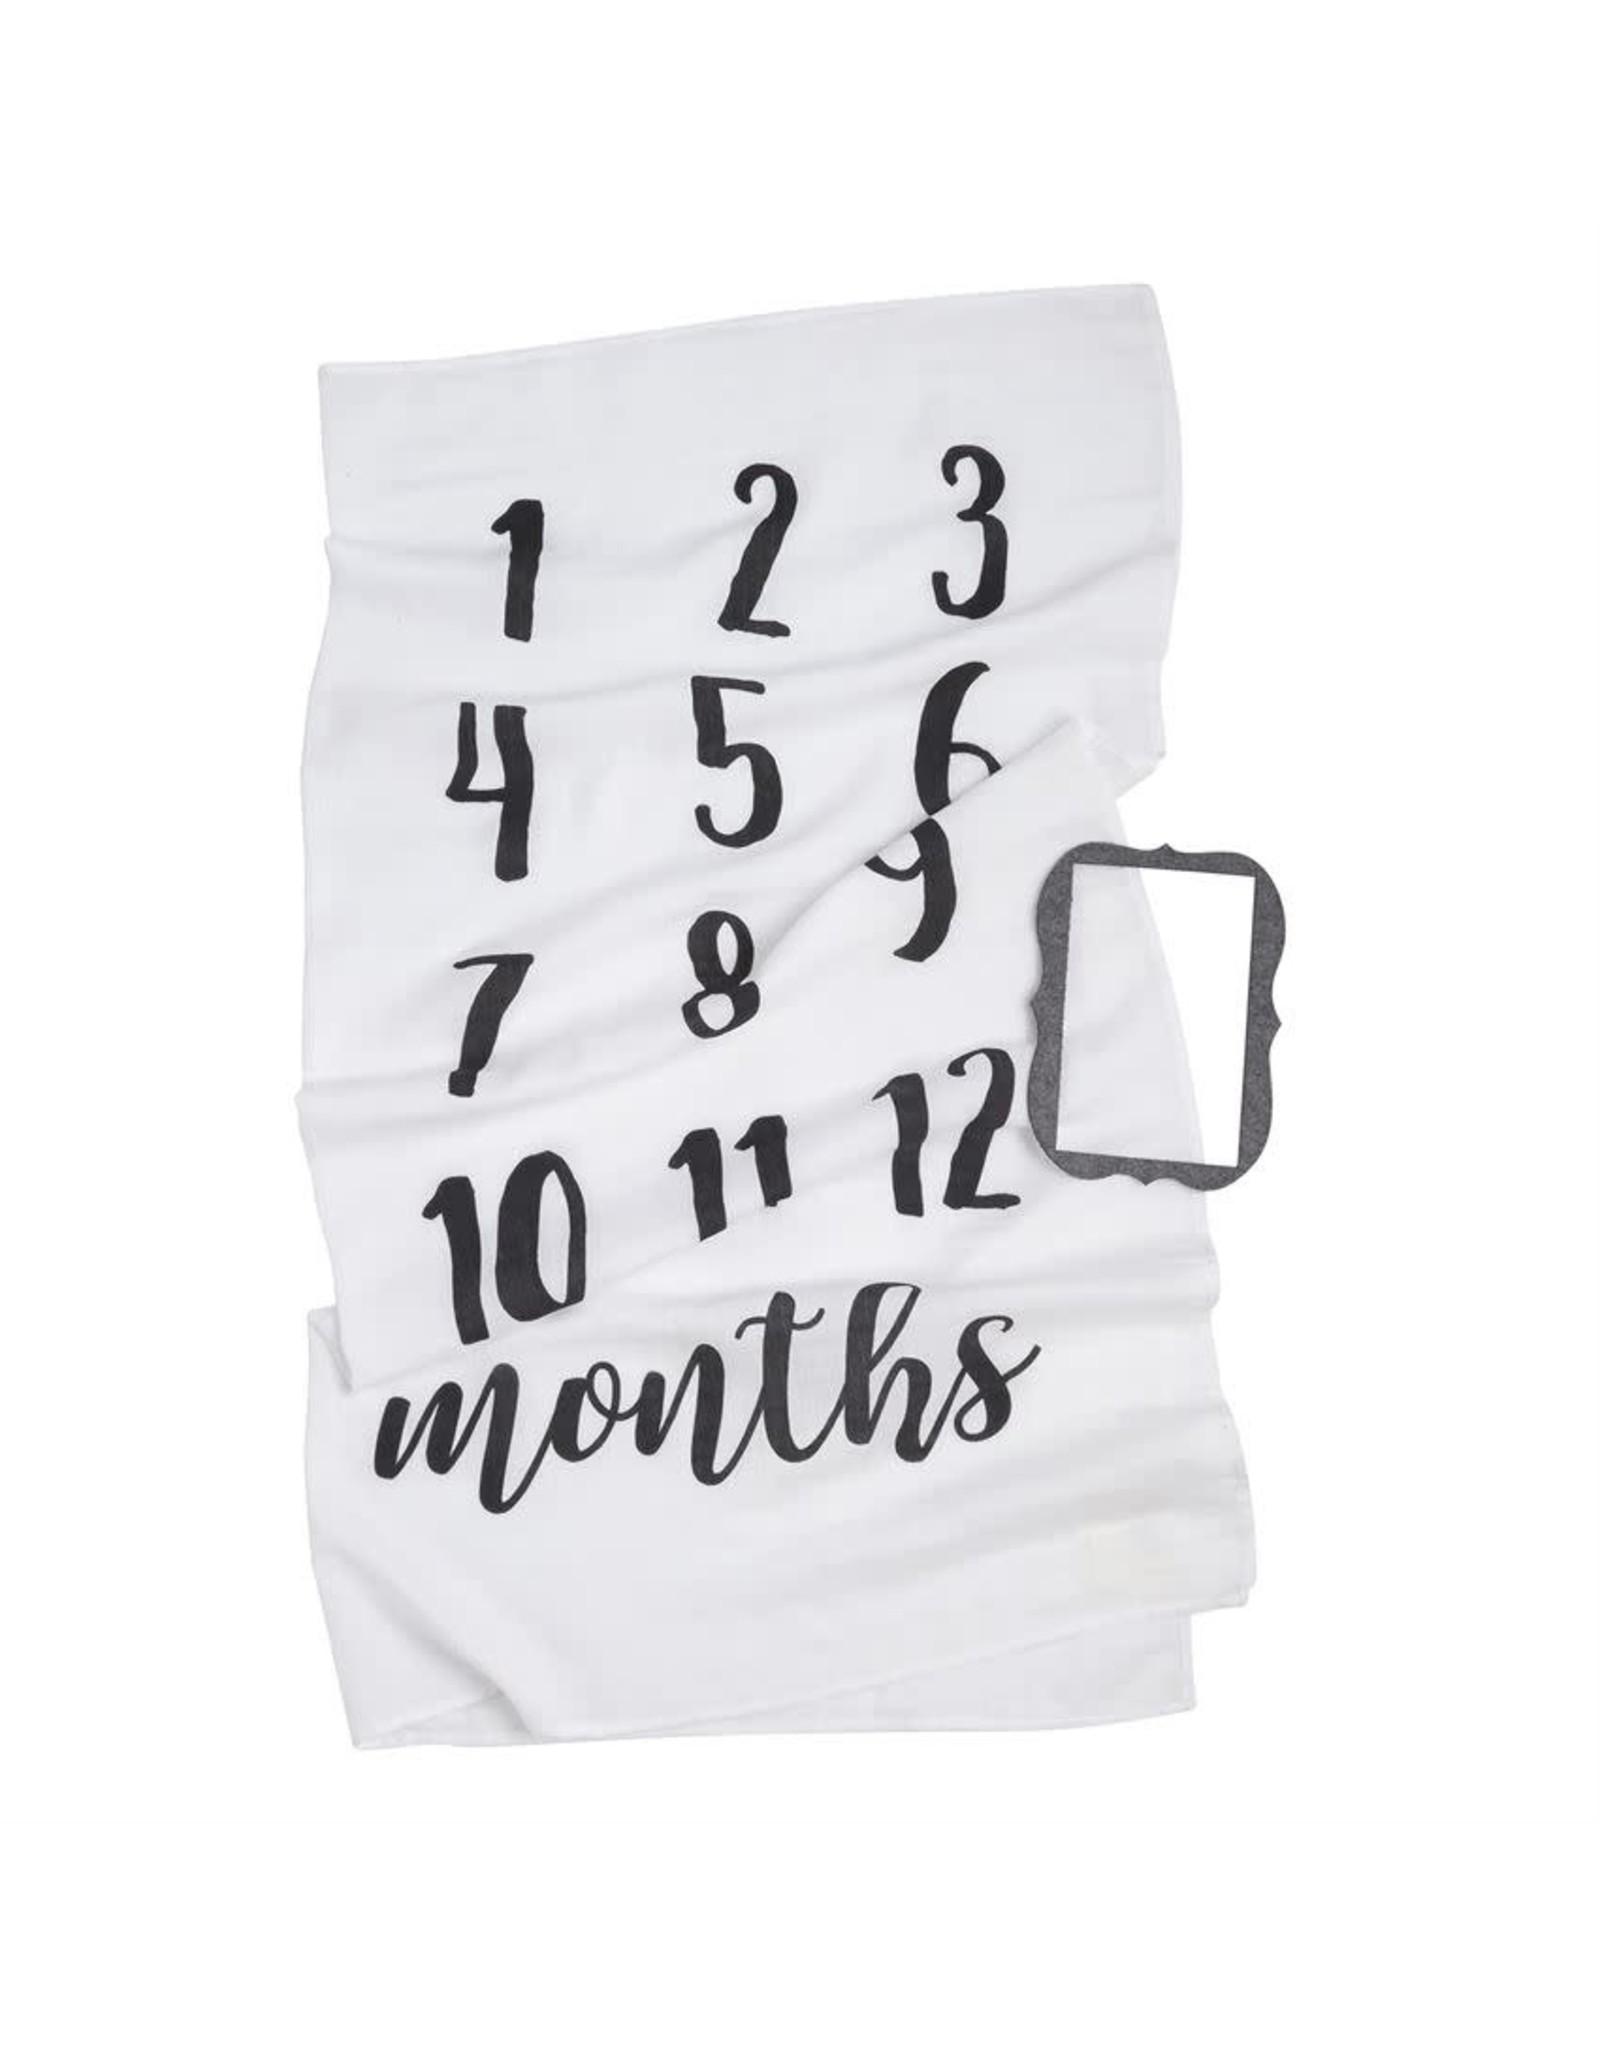 Mudpie Mud Pie - Monthly Milestone Blanket Set